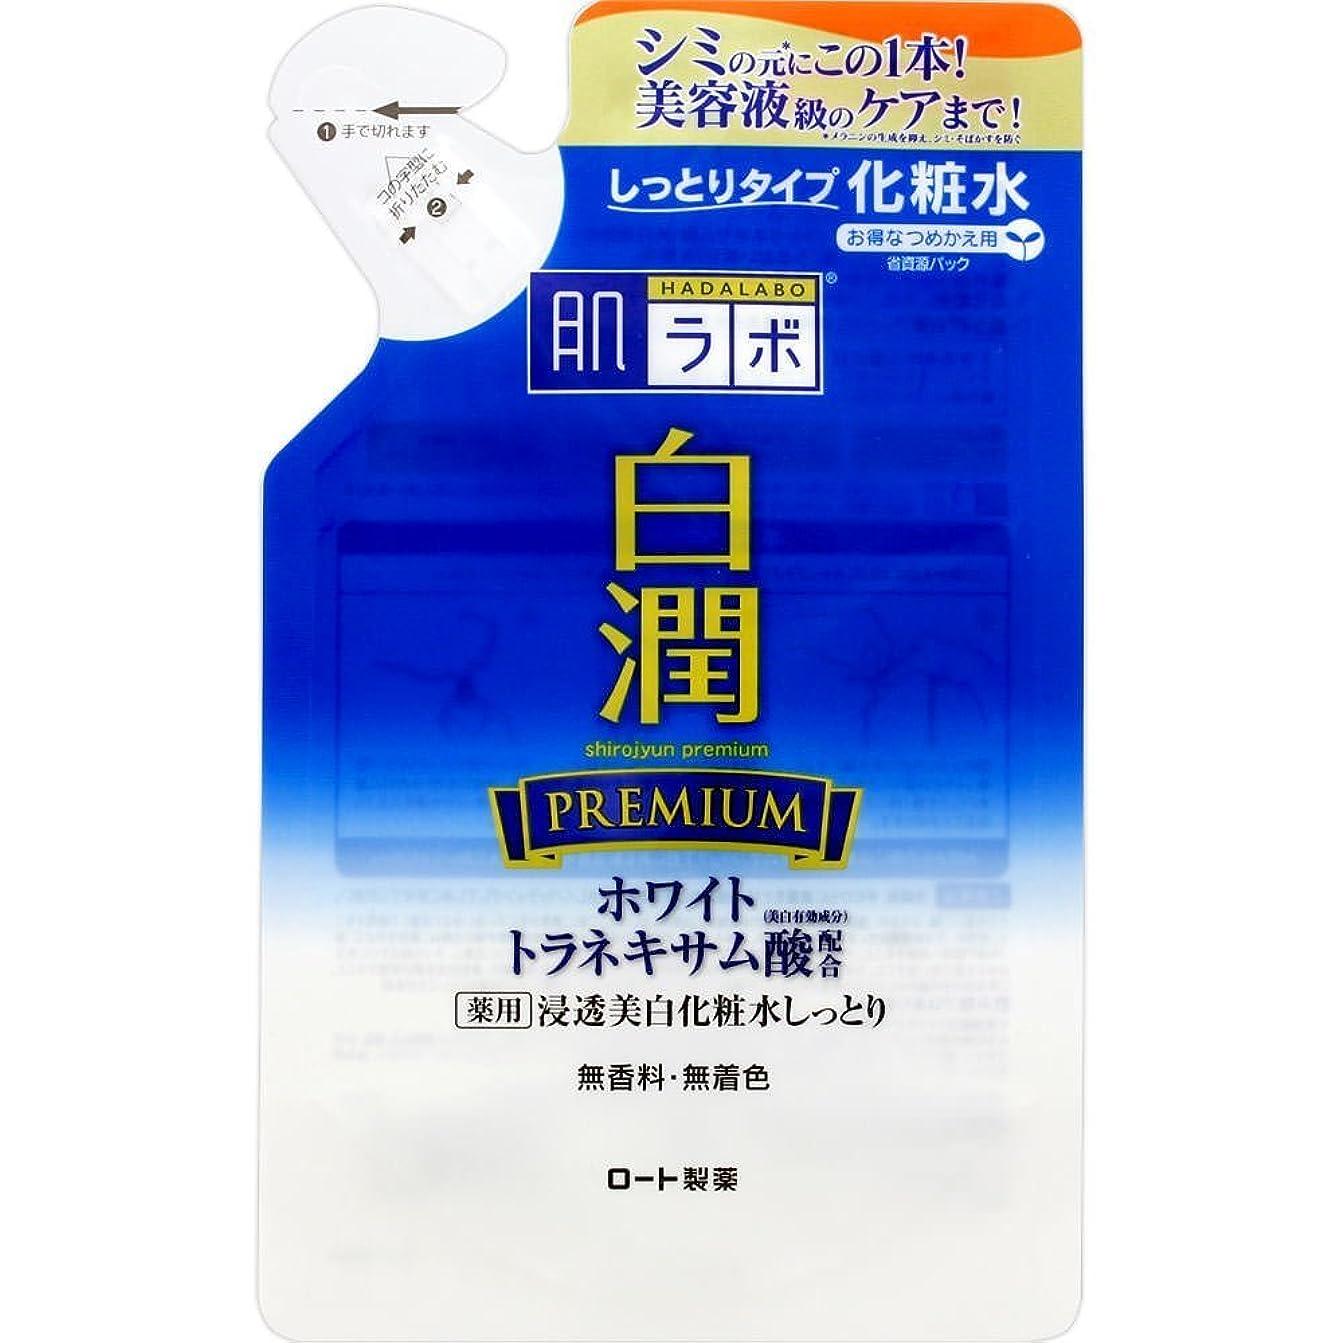 環境保護主義者ゴミ箱を空にするコア肌ラボ 白潤プレミアム 薬用浸透美白化粧水しっとり つめかえ用 170mL (医薬部外品)